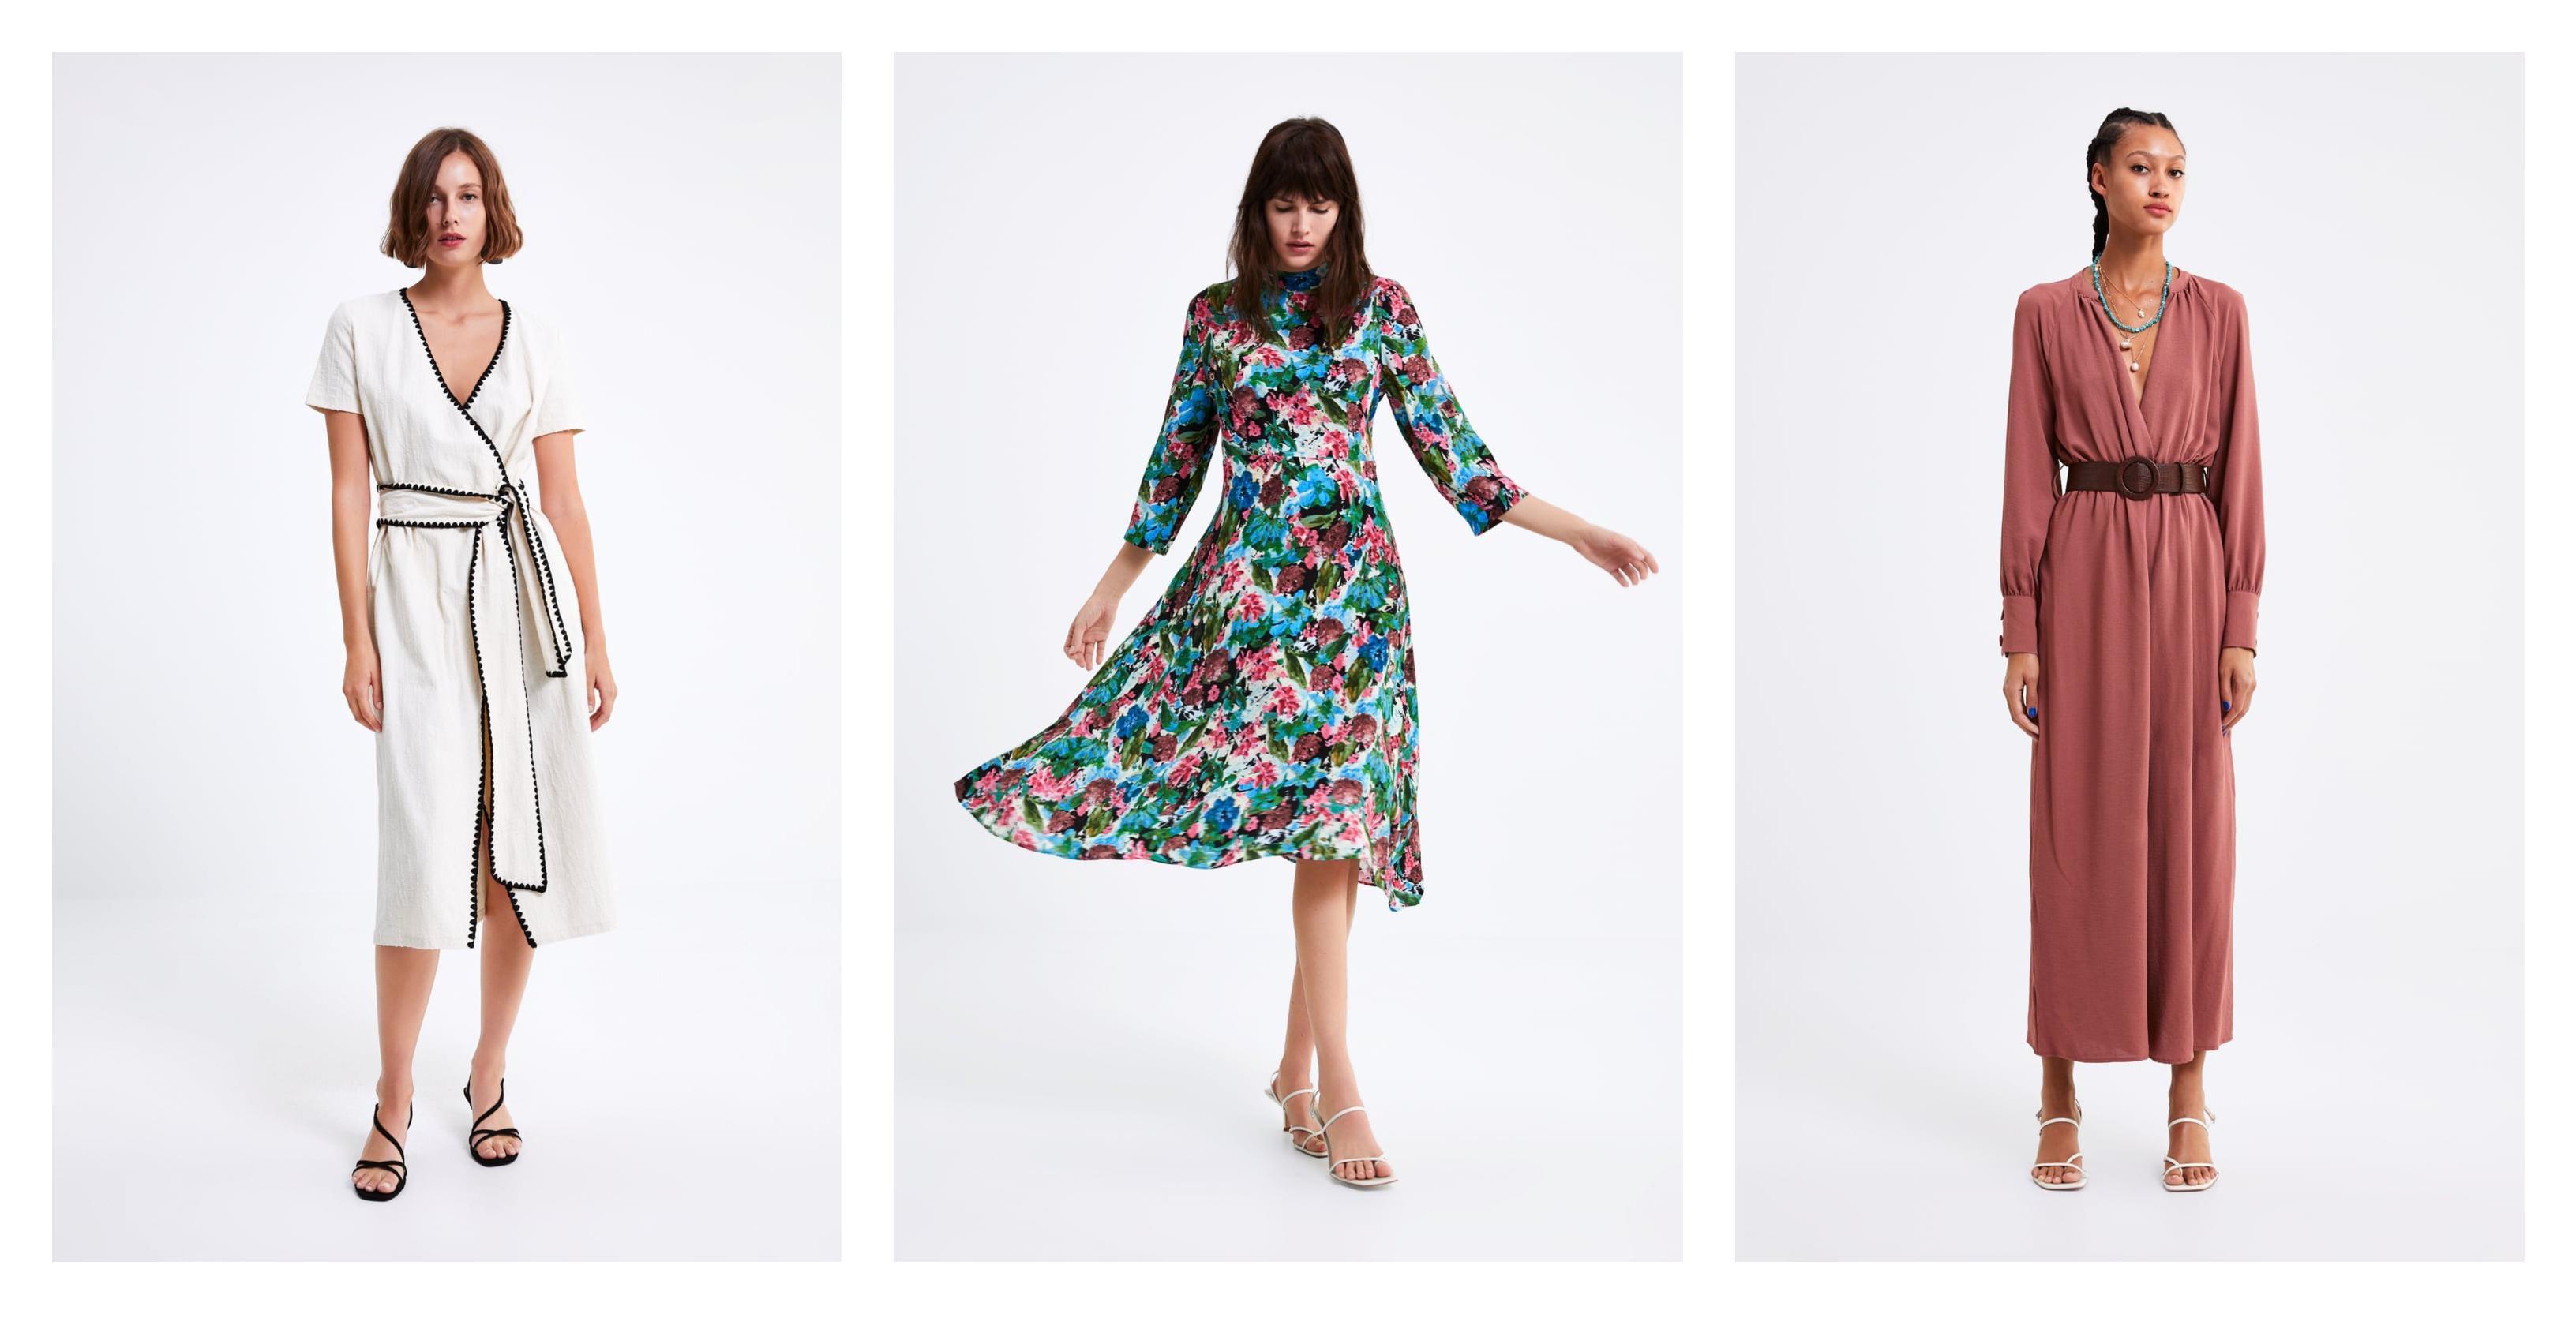 U proljetnim kolekcijama high street dućana ima tako divnih haljina, izdvojili smo najljepše!